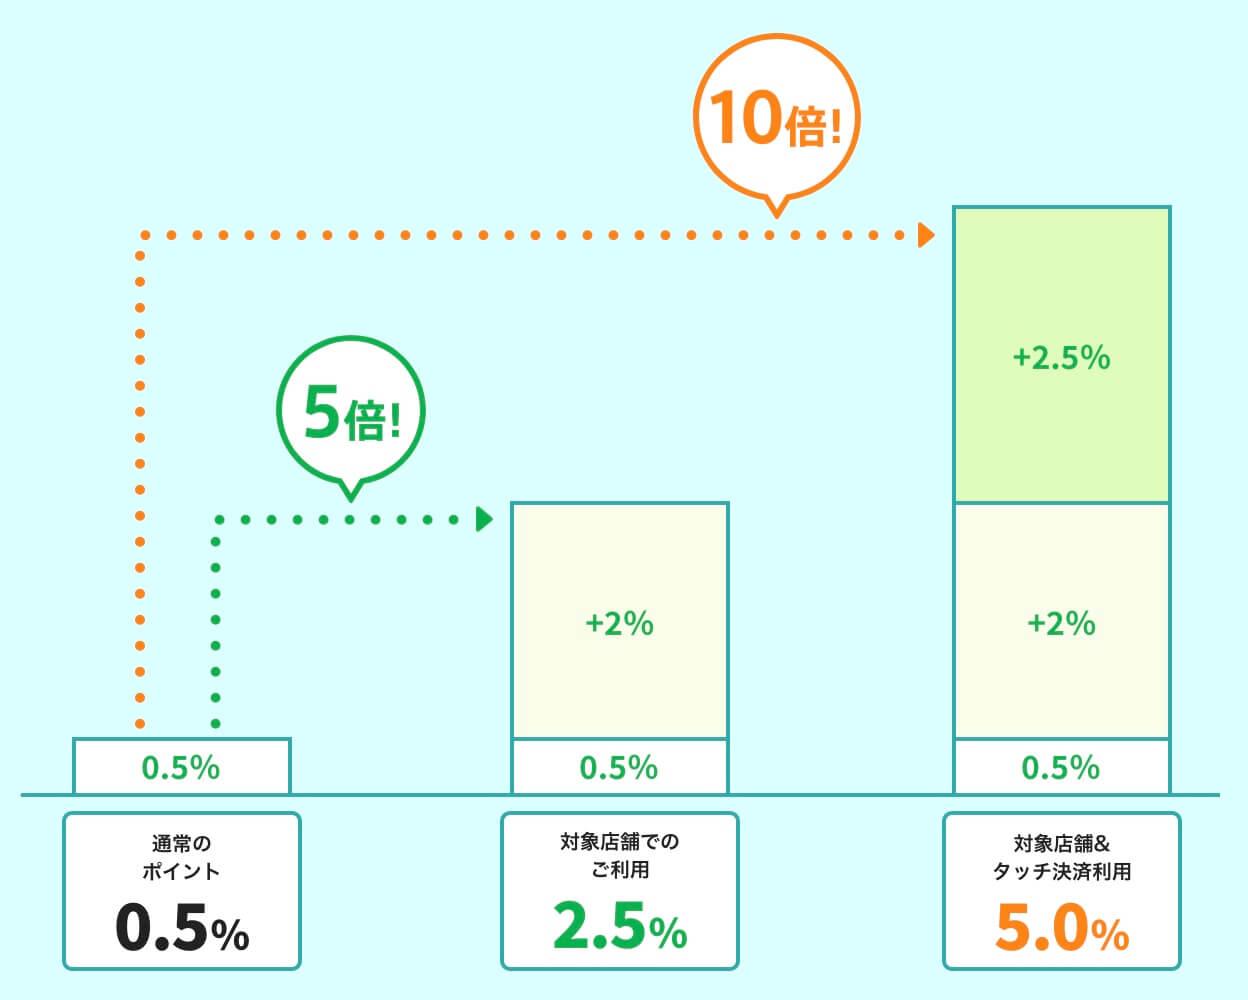 三井住友カード(NL)はコンビニでポイント10倍